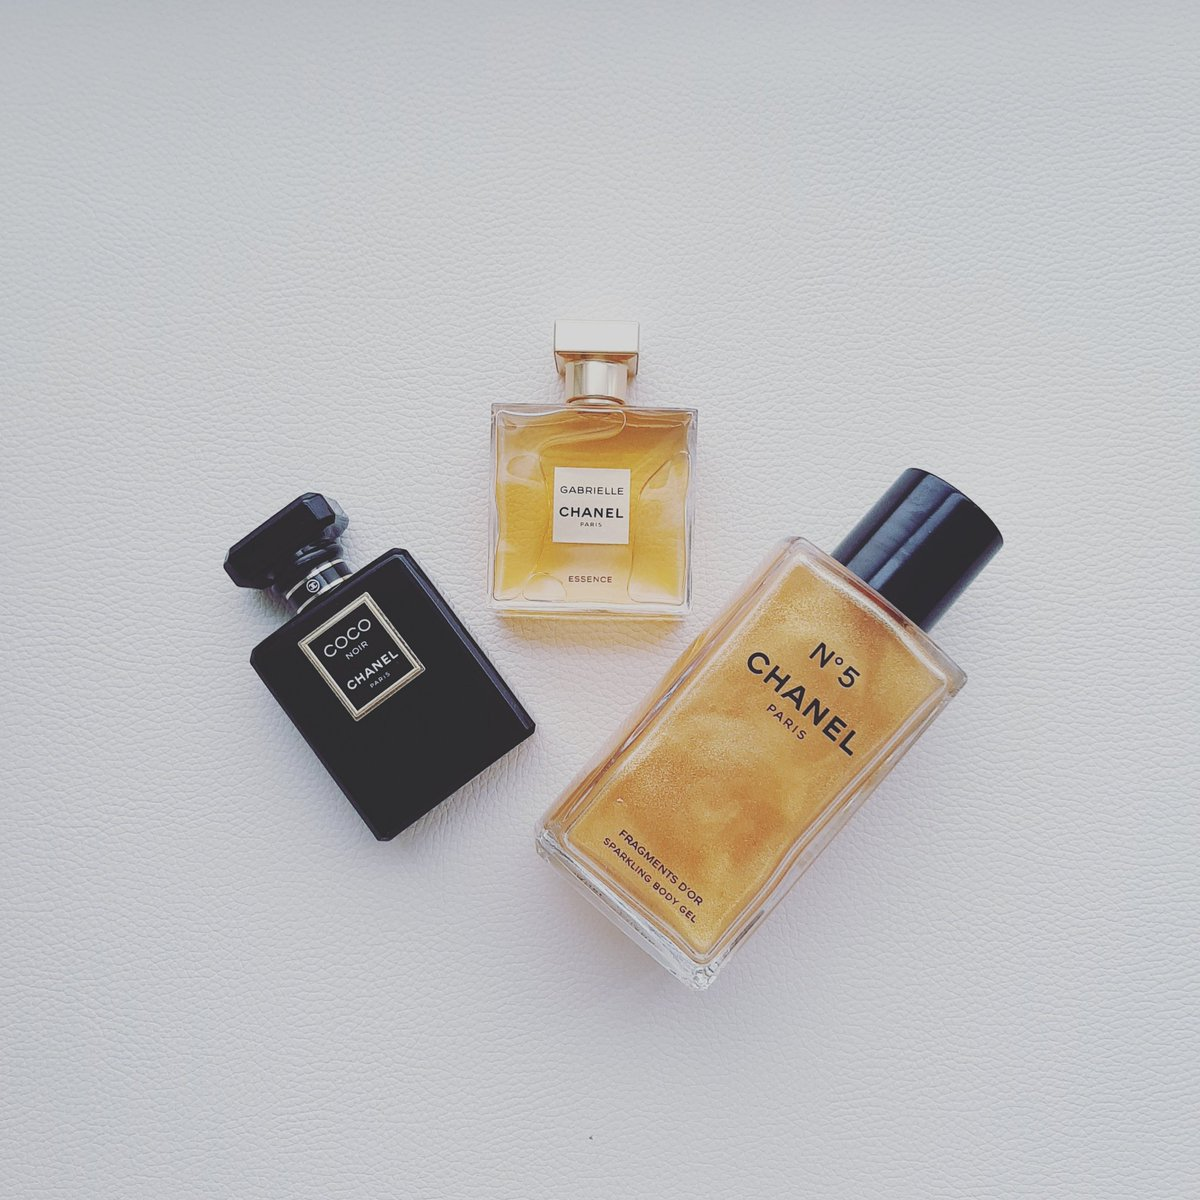 No.5は有名だけれど、どんな 香りなのか知っているひとは 少ないと思う。試香するとか 五感を使って体験することは 大切だと思う。  #CHANEL #CHANELFragrance